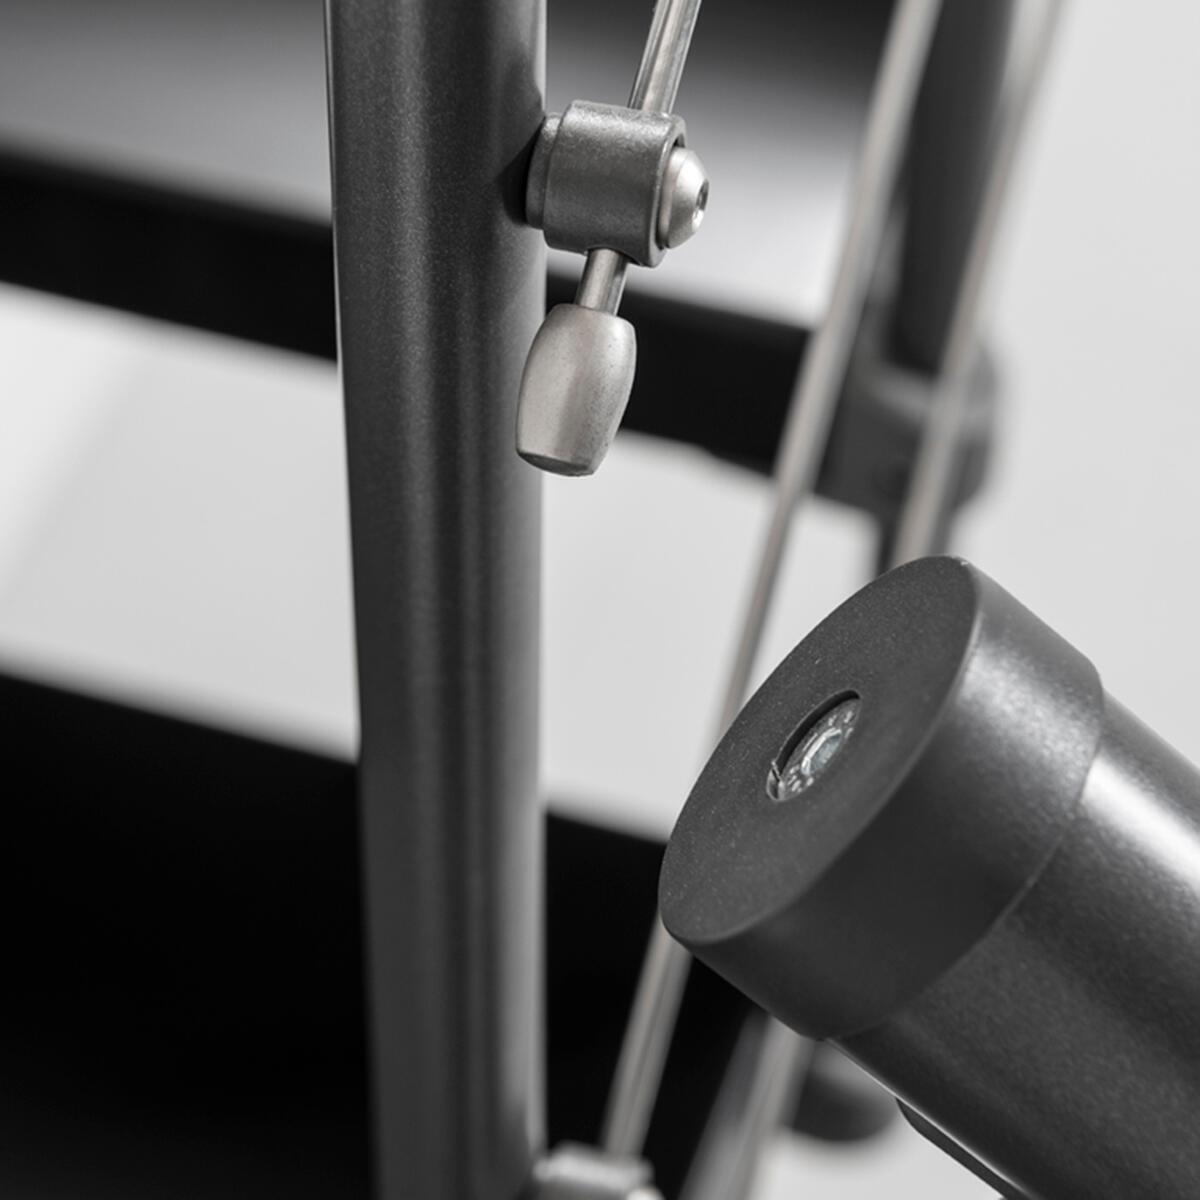 Scala a rampa 1/4 di giro Mas FONTANOT L 85 cm, gradino grigio antracite scuro, struttura antracite - 11